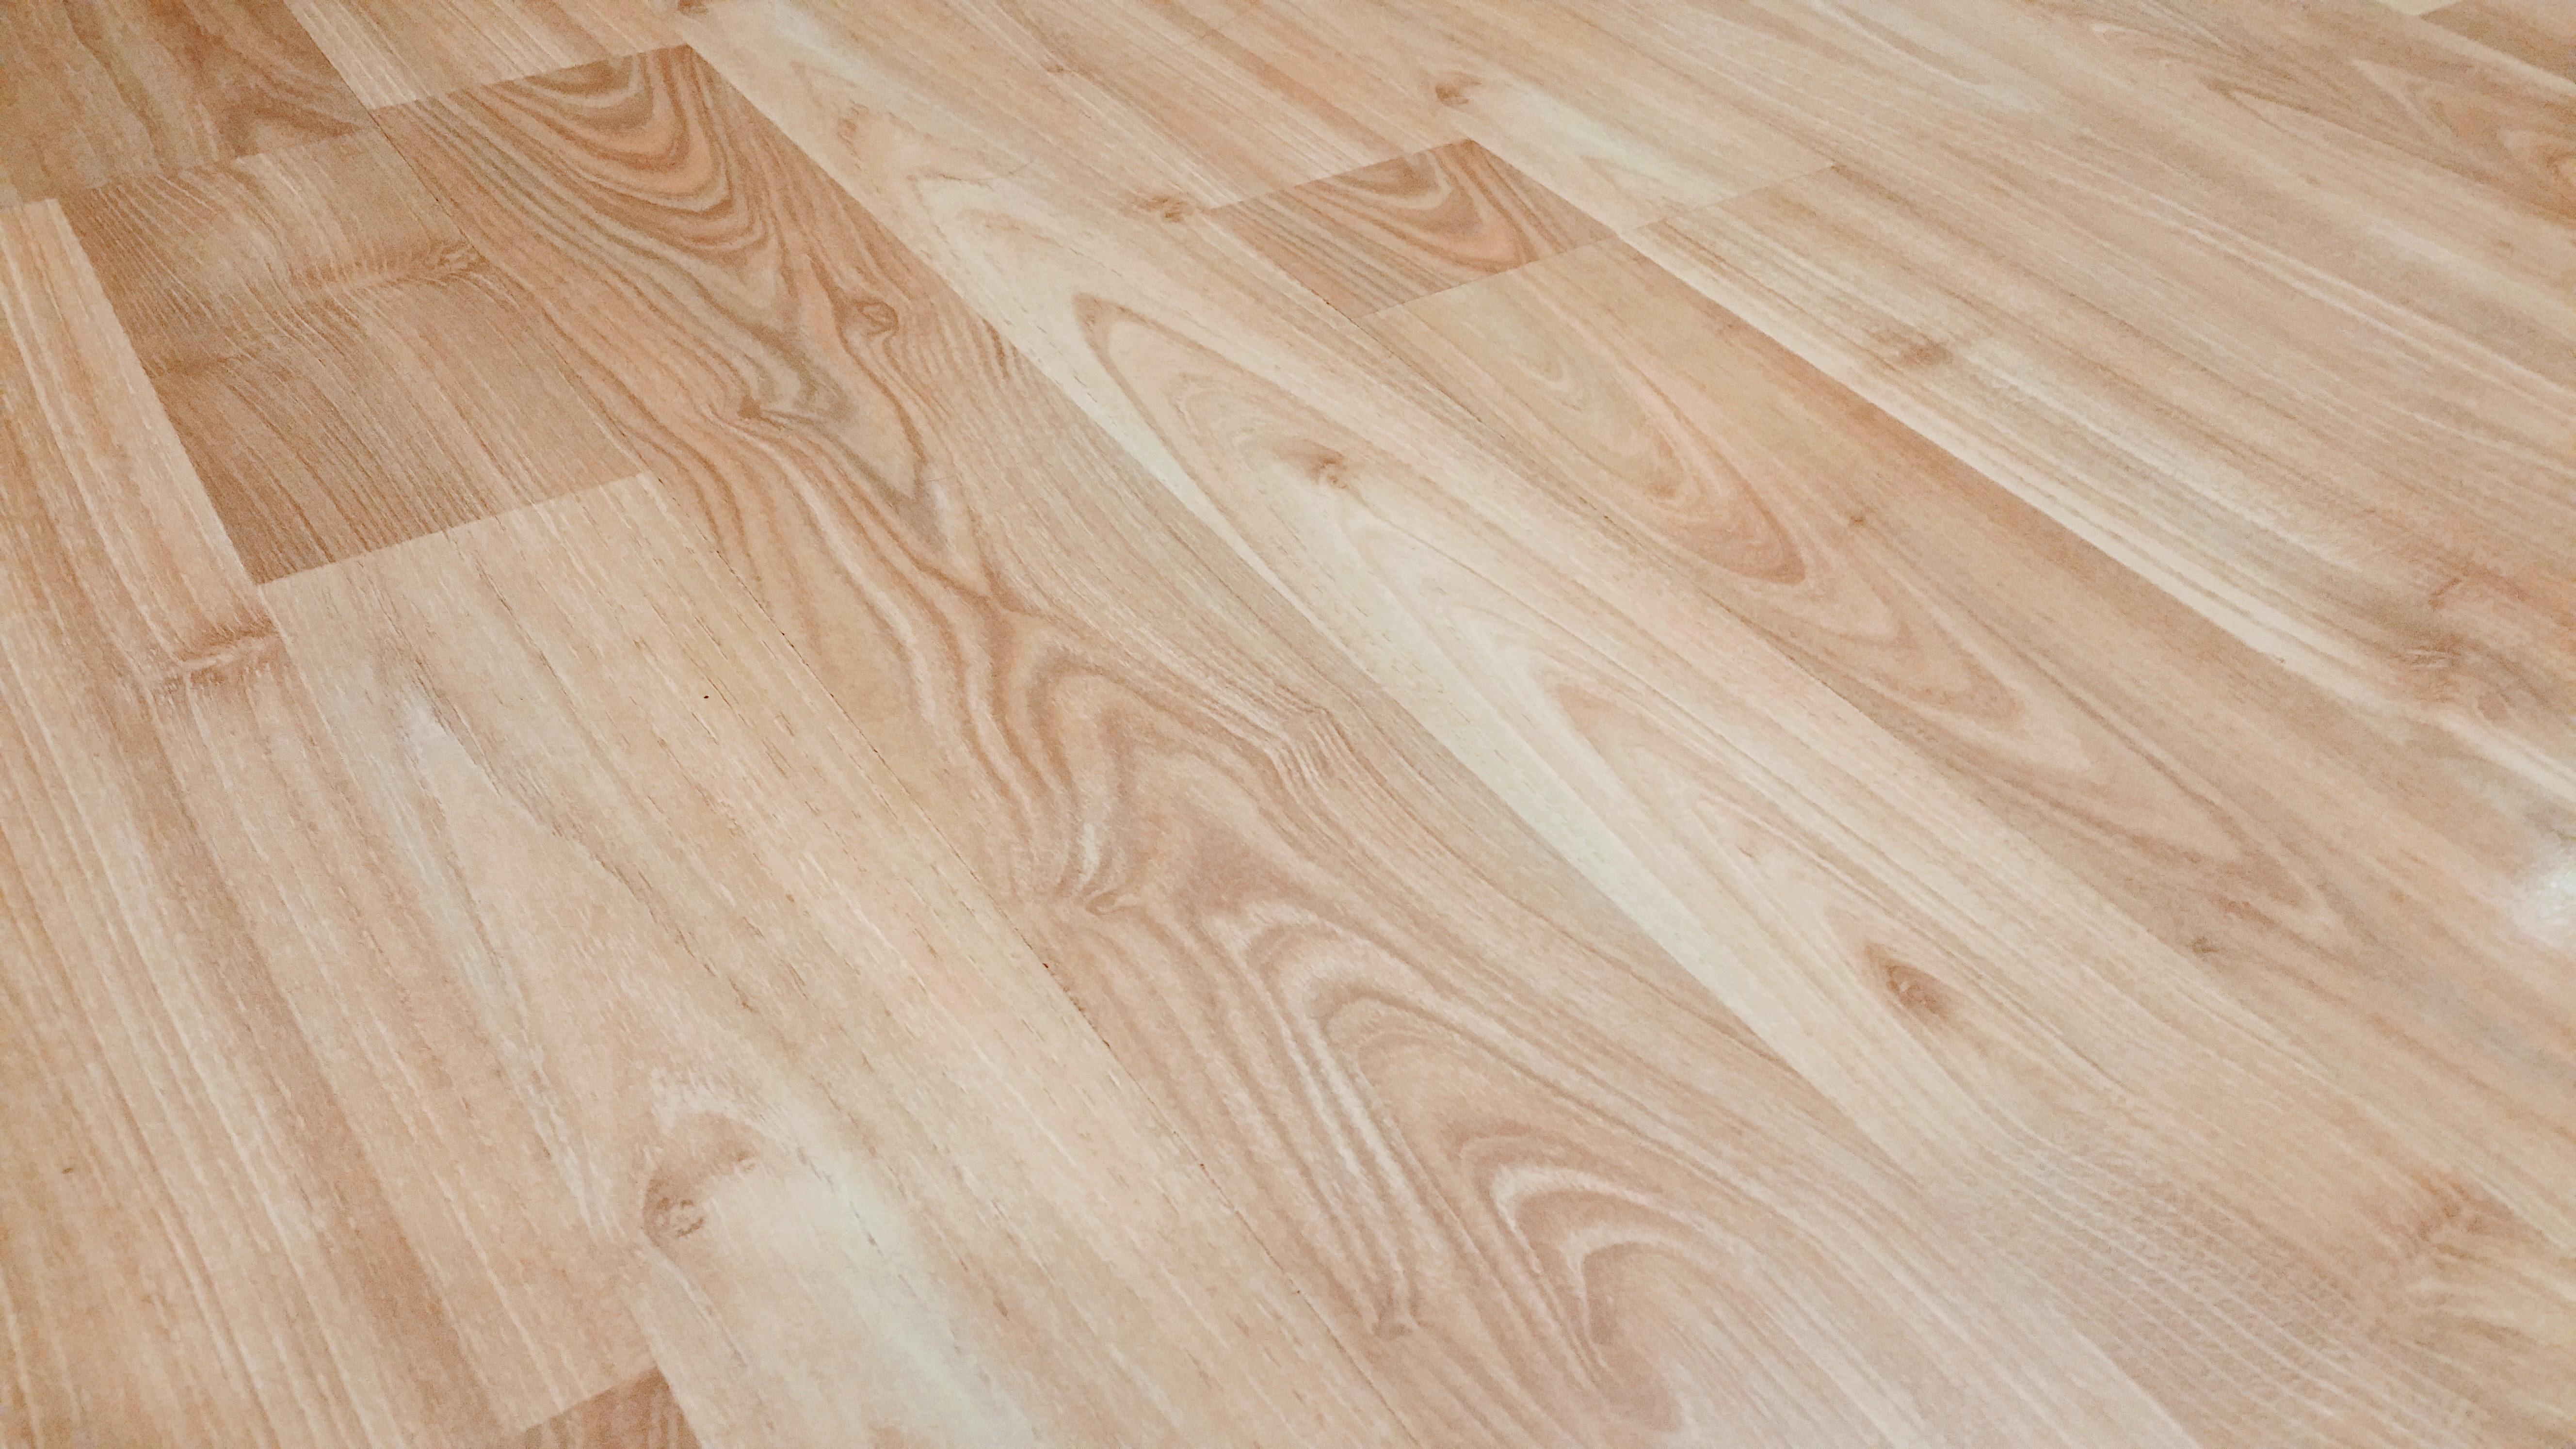 flooring wood free stock photo of texture, brown, wooden, floor ZTMQRIT